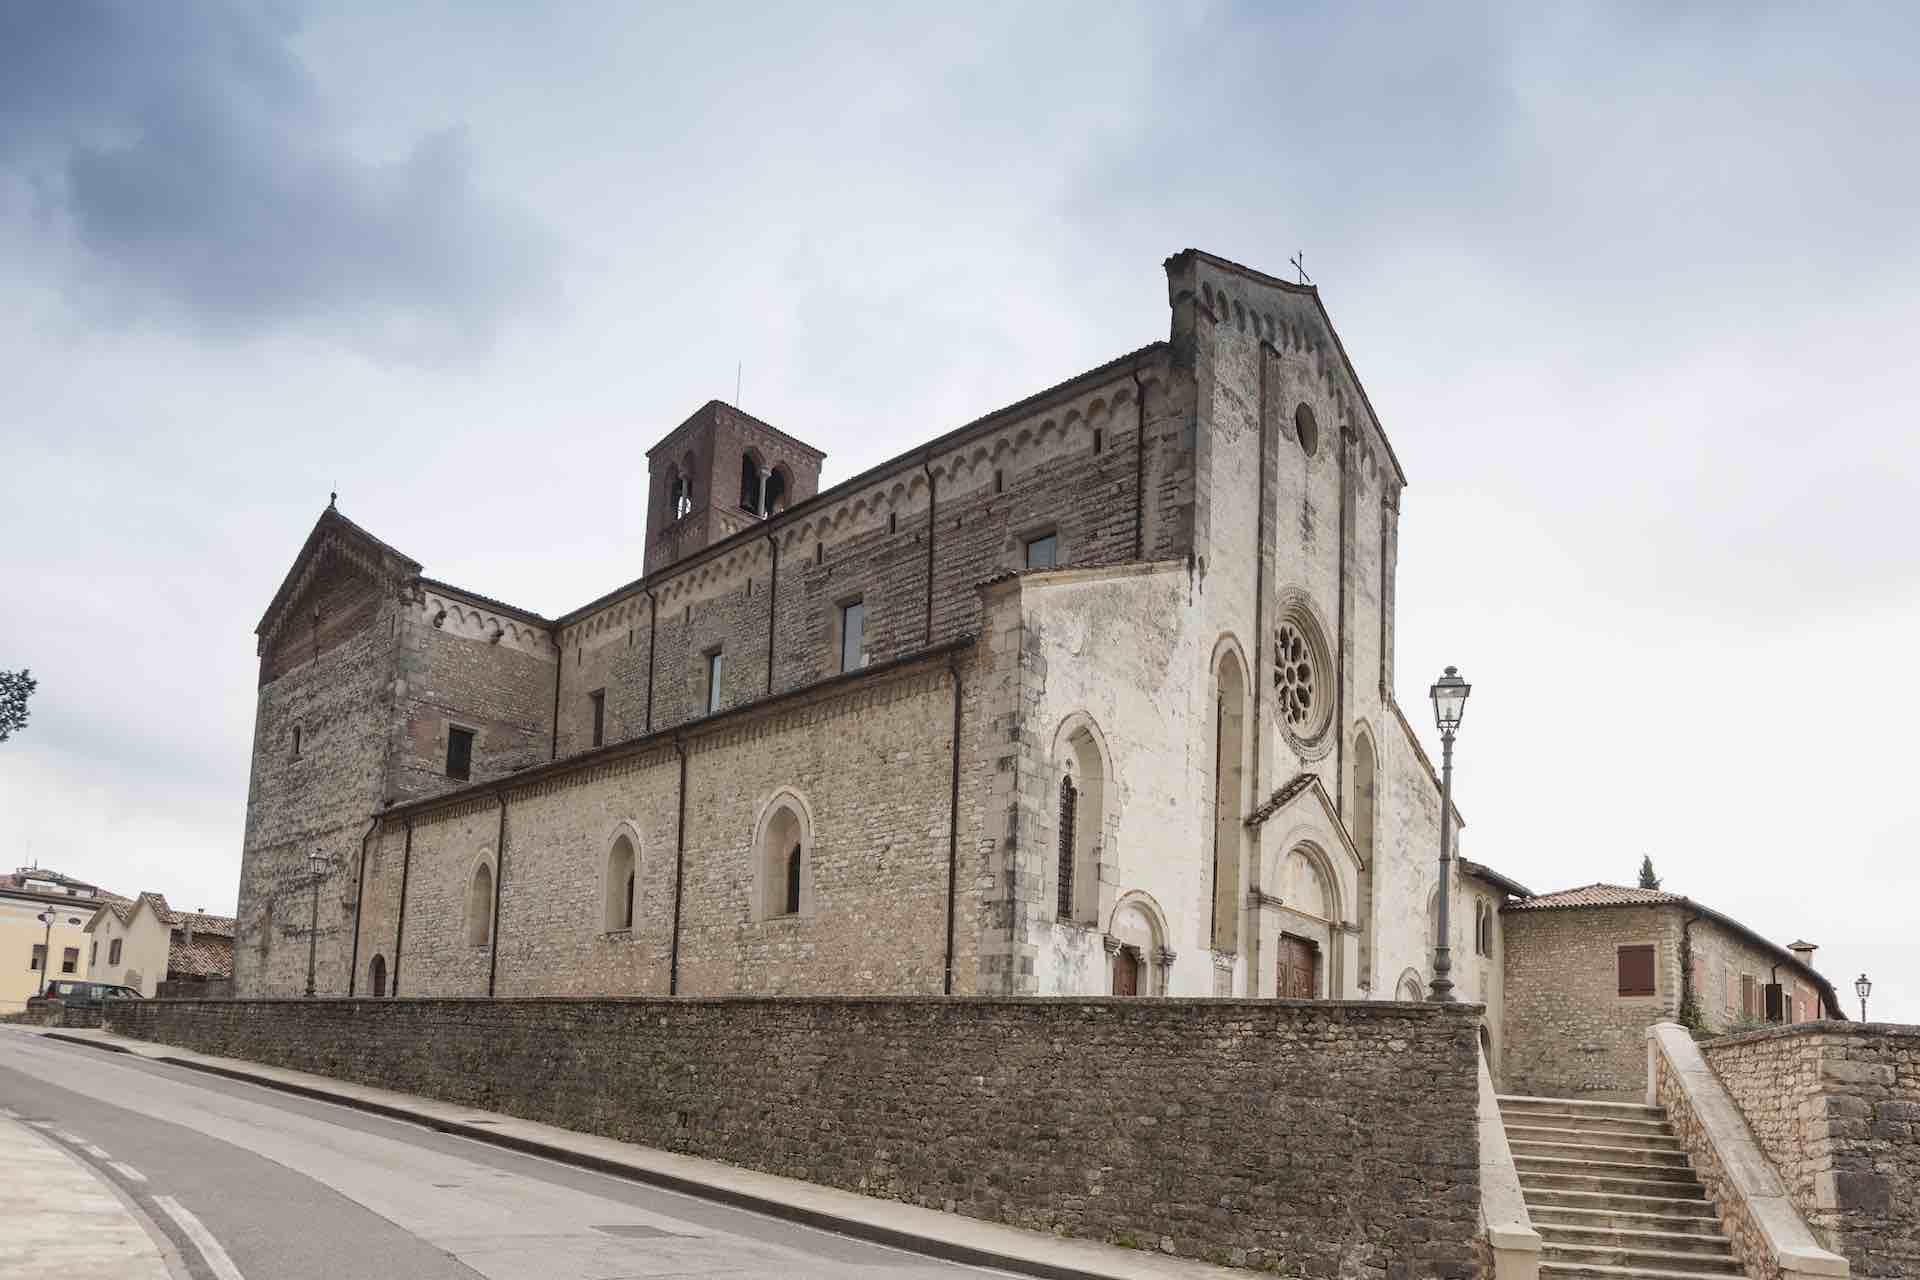 Itinerario culturale in Veneto alla scoperta delle abbazie sulle colline del Prosecco